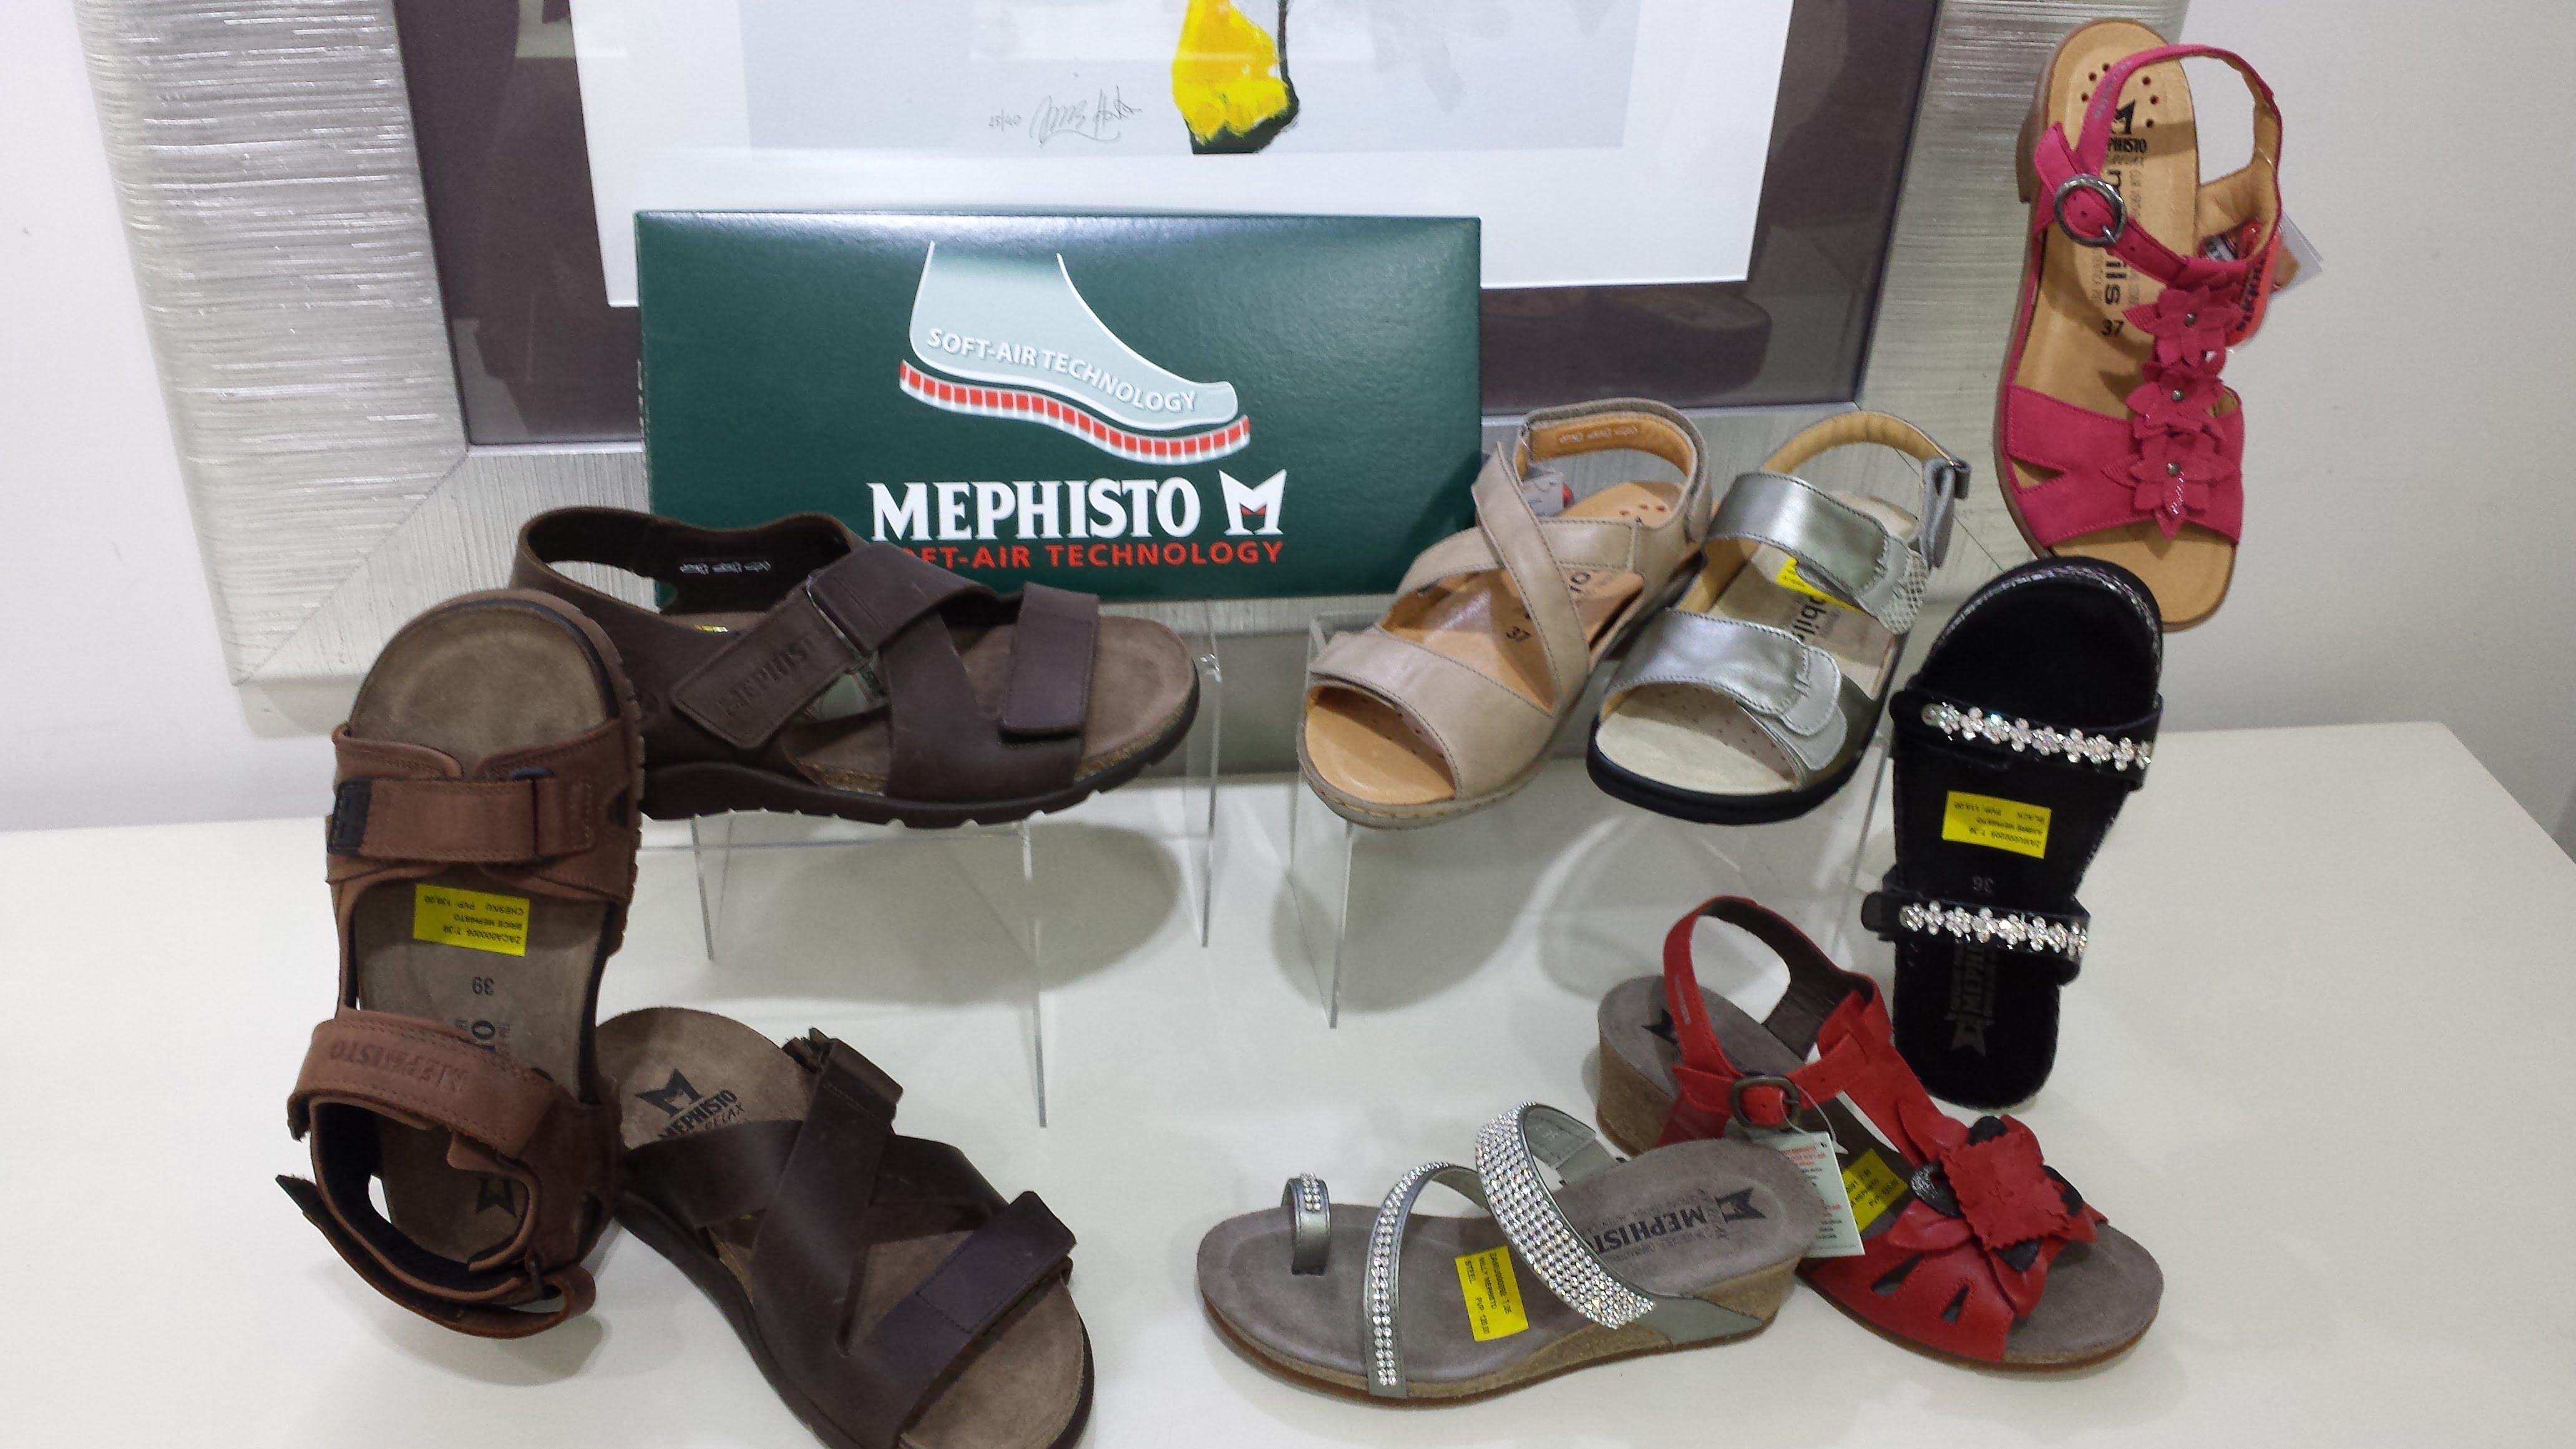 Calzado Recomendado Contra La MephistoEl Dé Fatiga XOZPuki